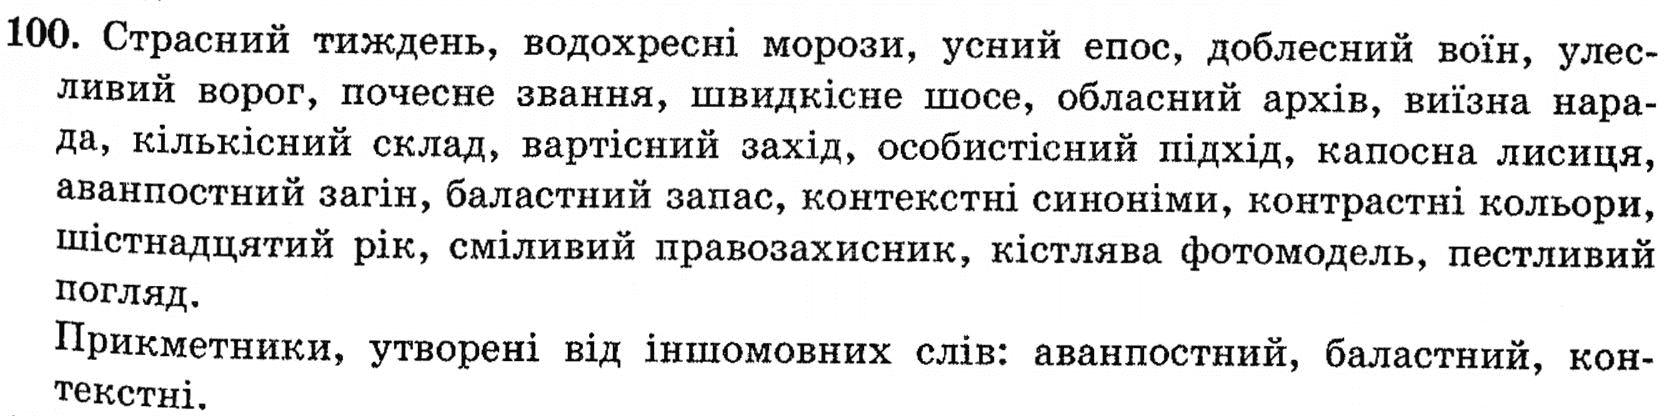 гдз украинская мова глазова 10 клас